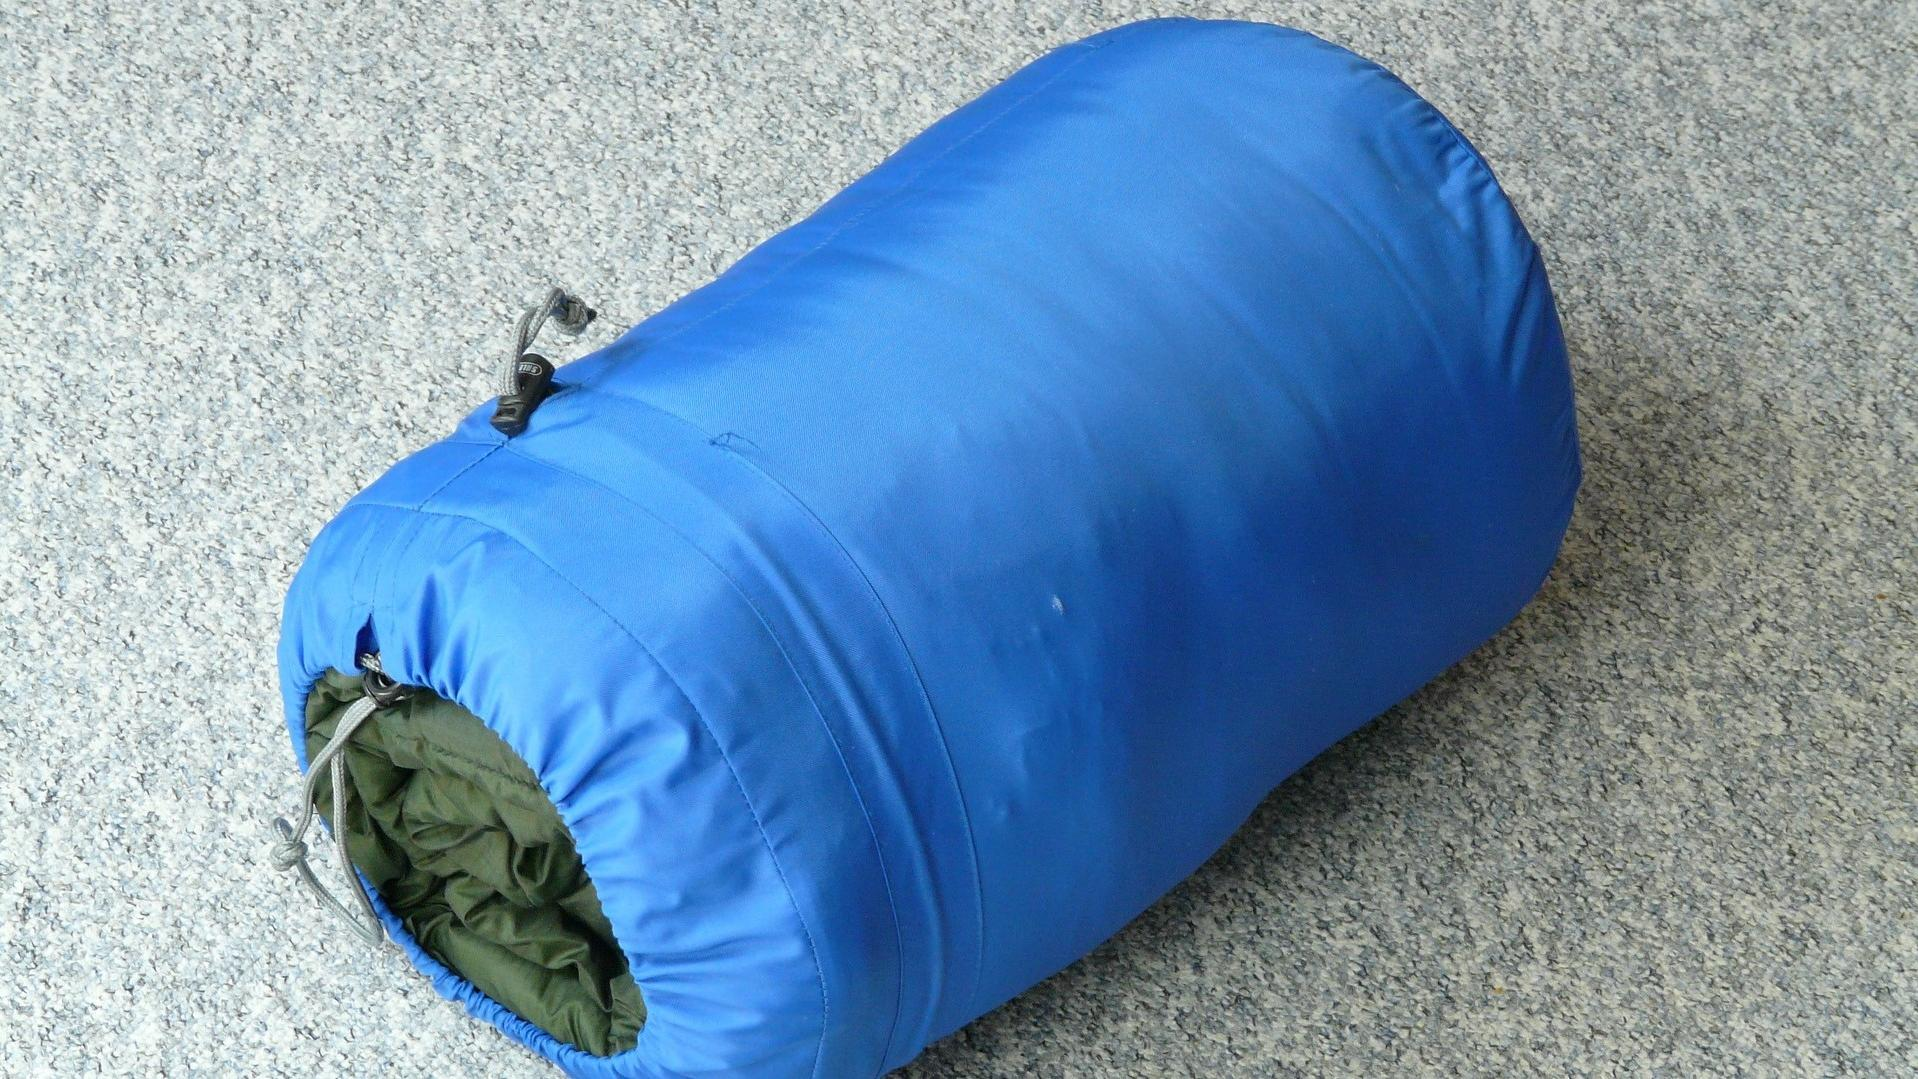 Schlafsack waschen, wenn er unangenehm riecht